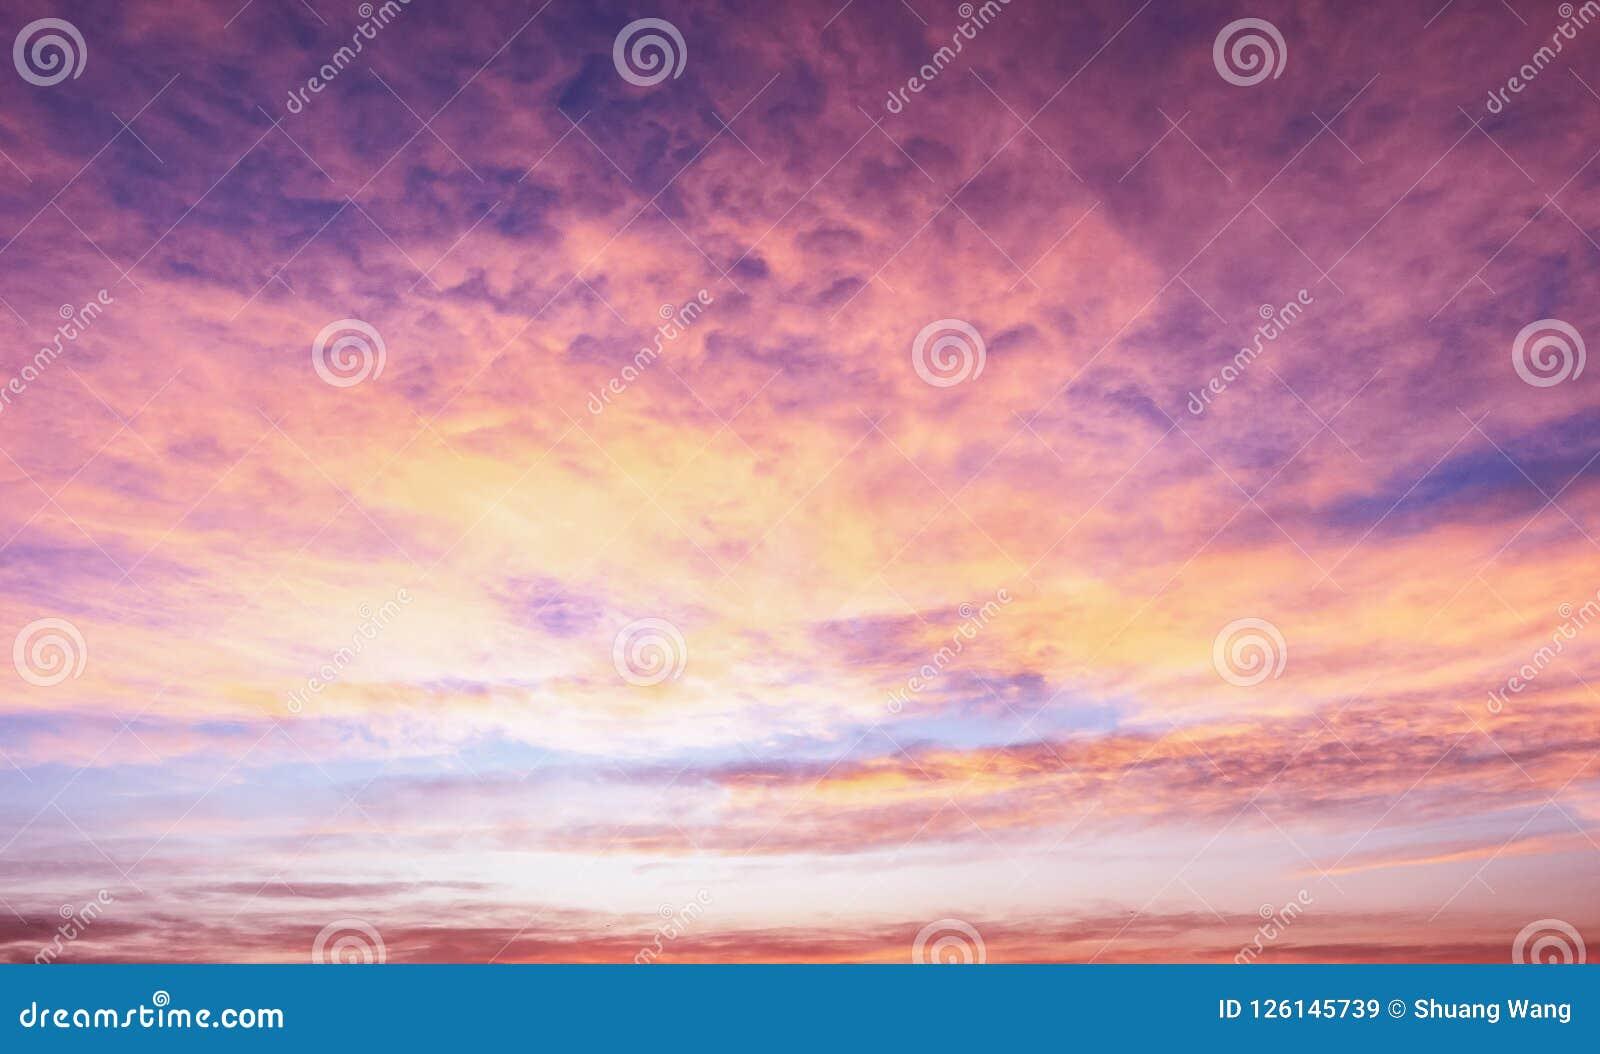 Season Concept: Sky Autumn Sunrise Background Stock Image - Image of ...